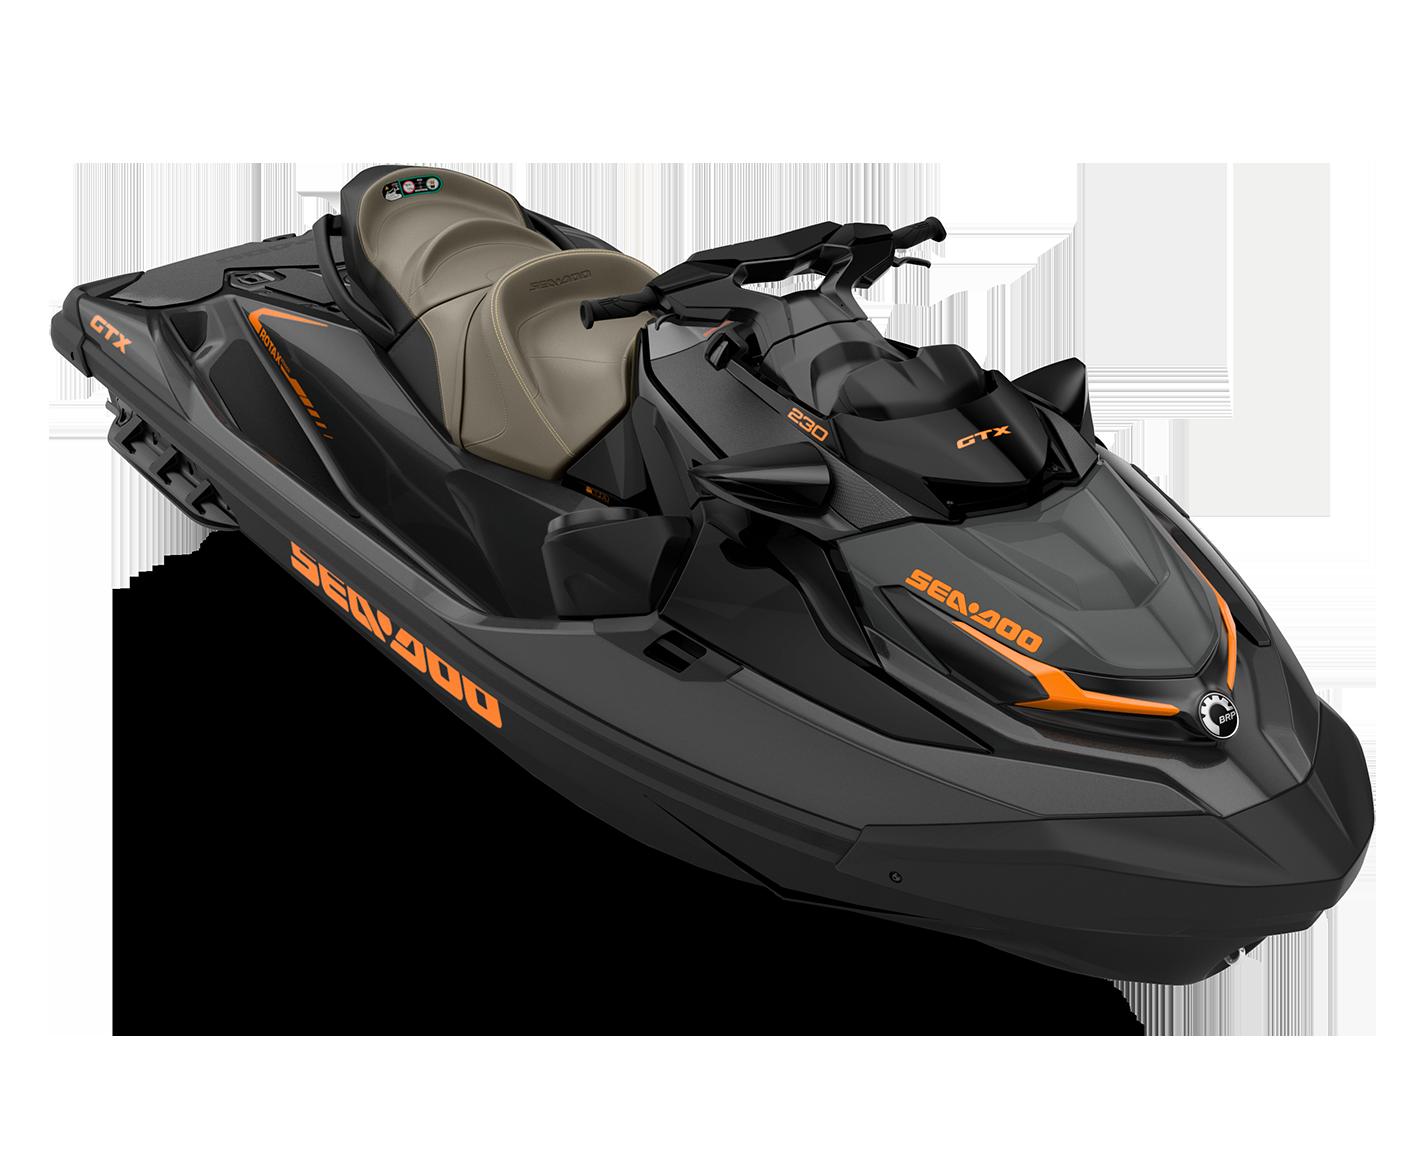 2021 Sea-Doo GTX 230 SS